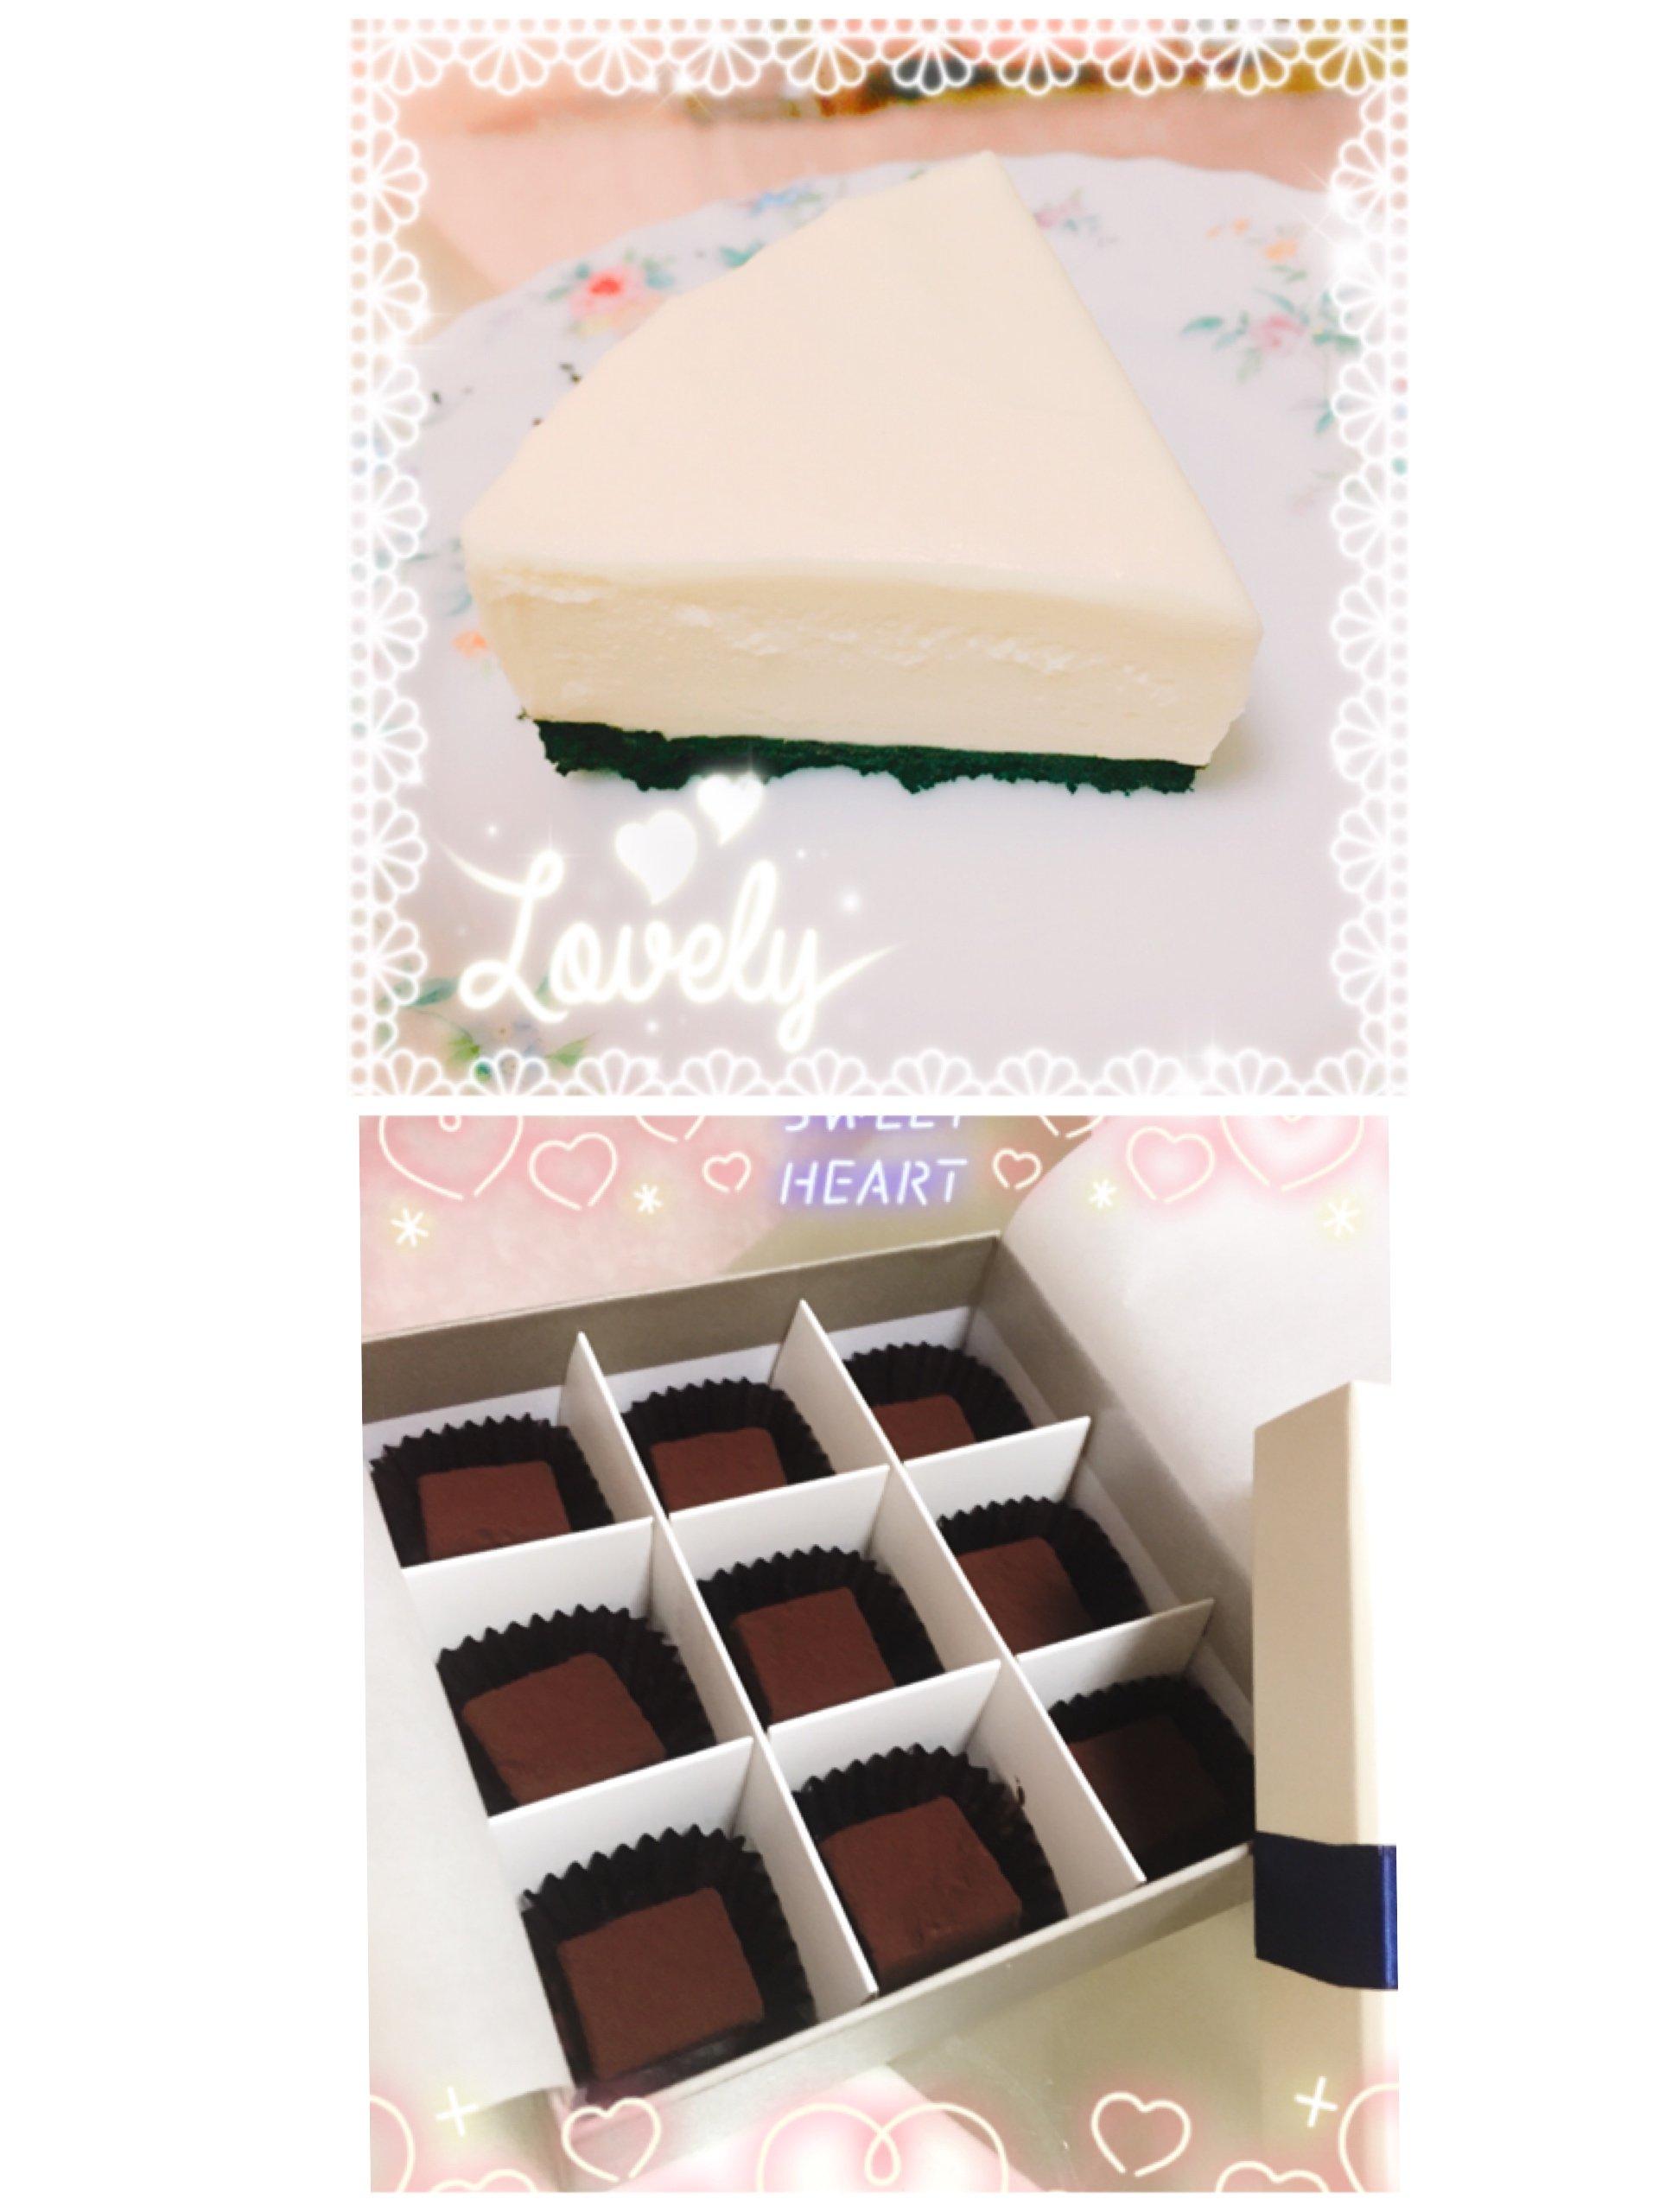 今日はバレンタインですね♪今年も、家族に手作りチョコとケーキ…